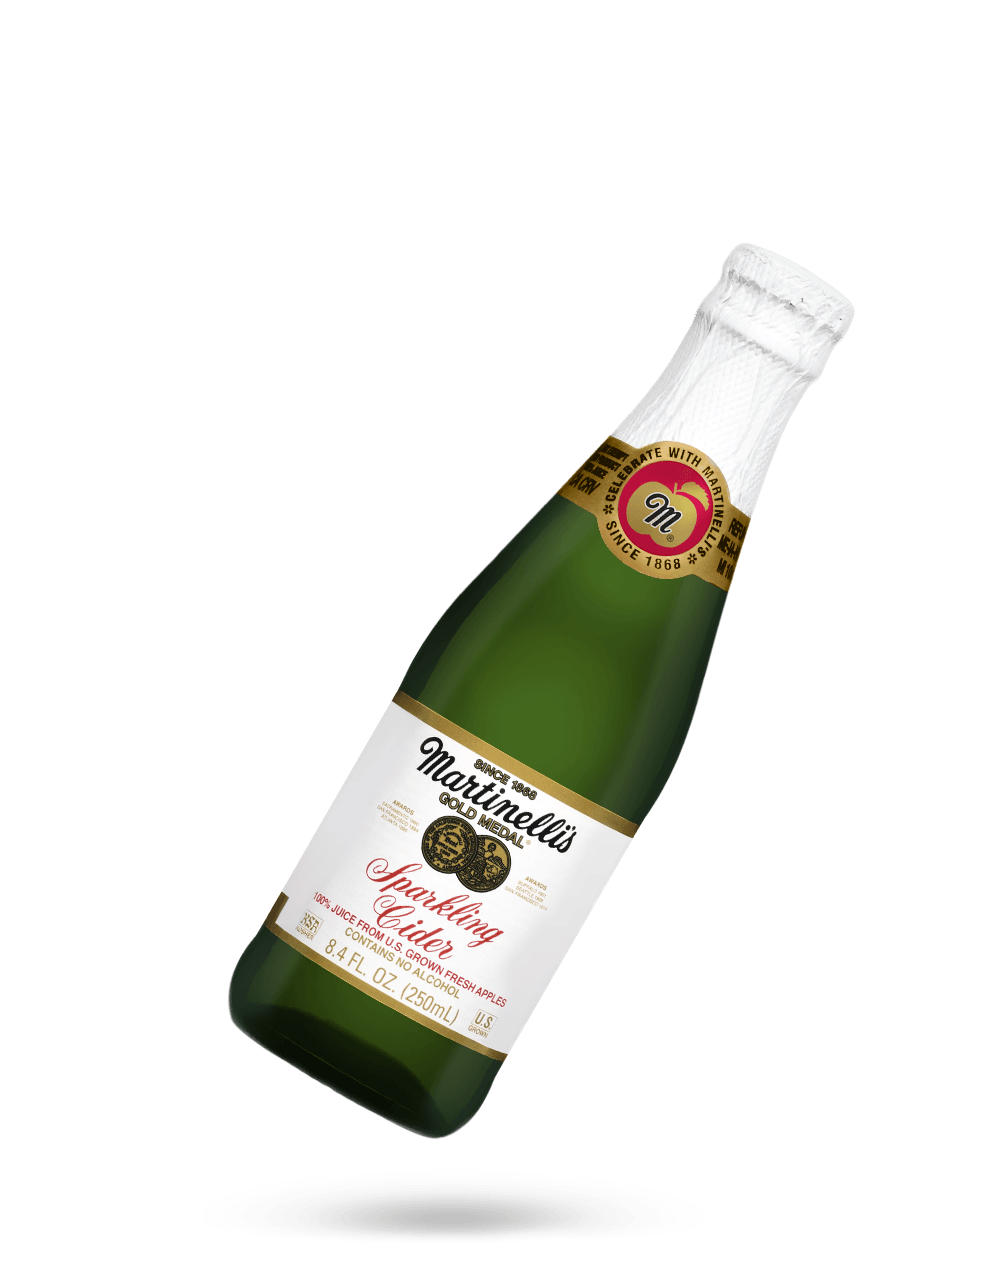 Sparkling Cider 8.4 fl. oz